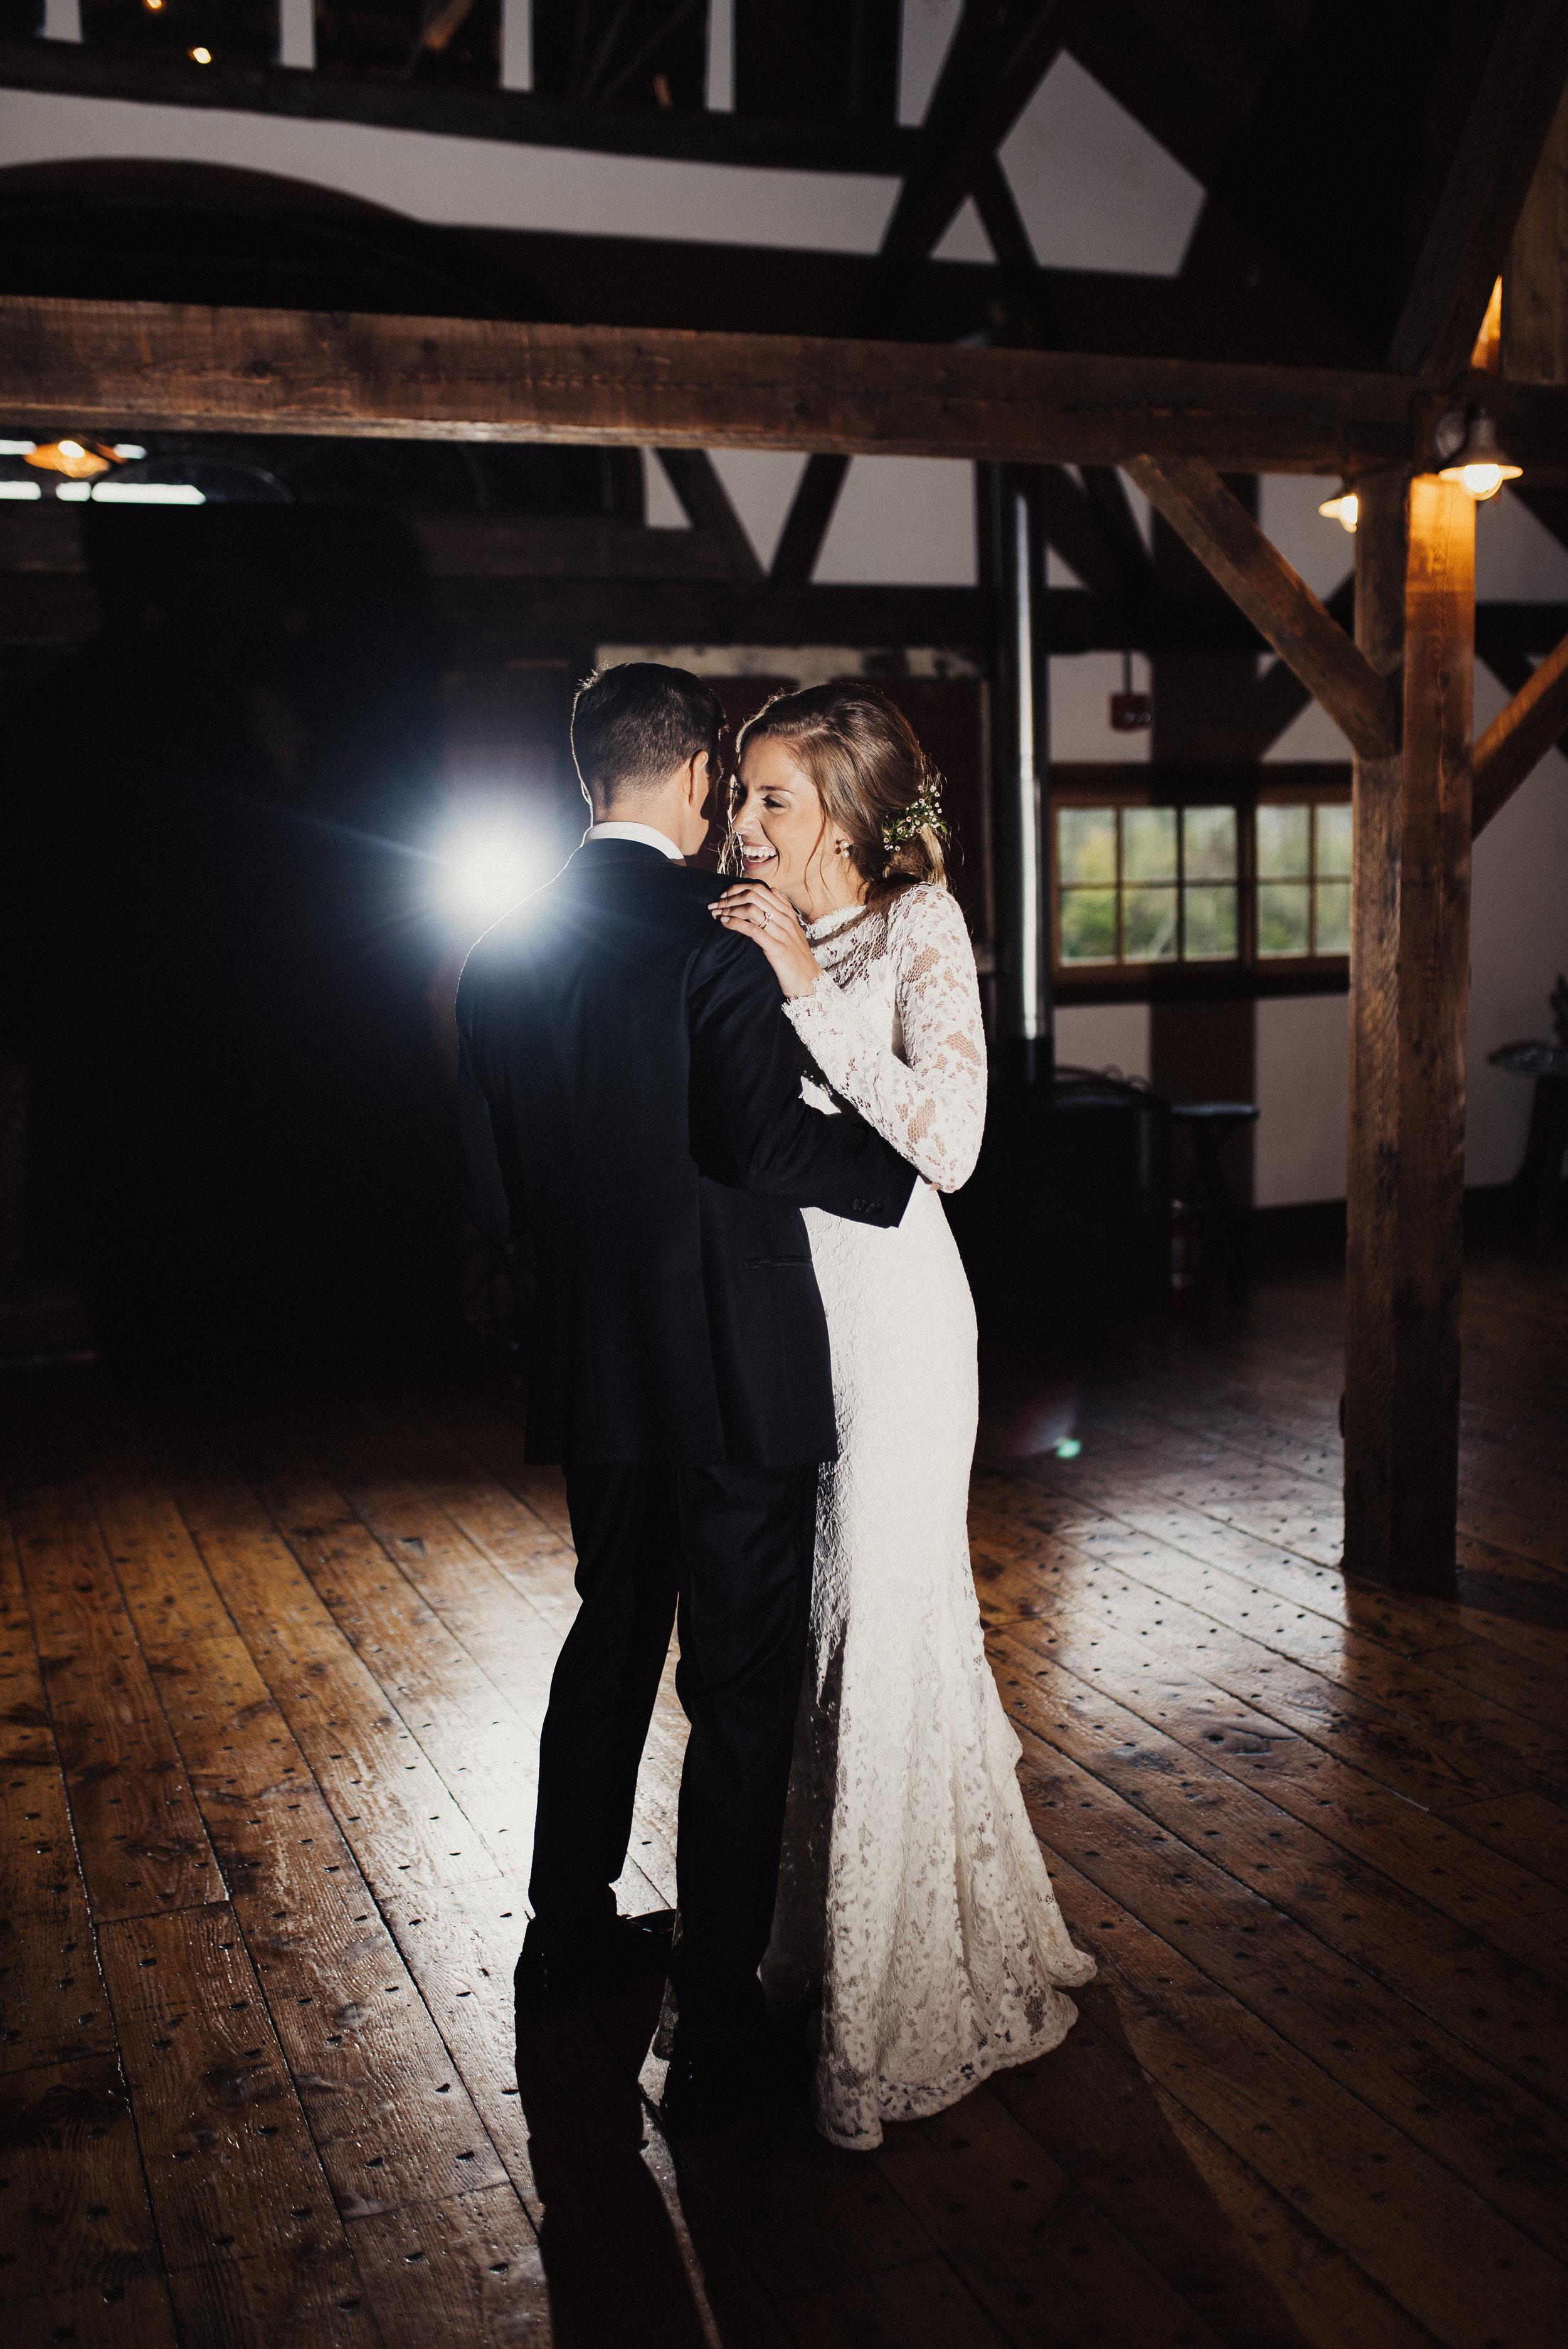 d-andm-vermont-wedding-edenstraderphoto-636.jpg